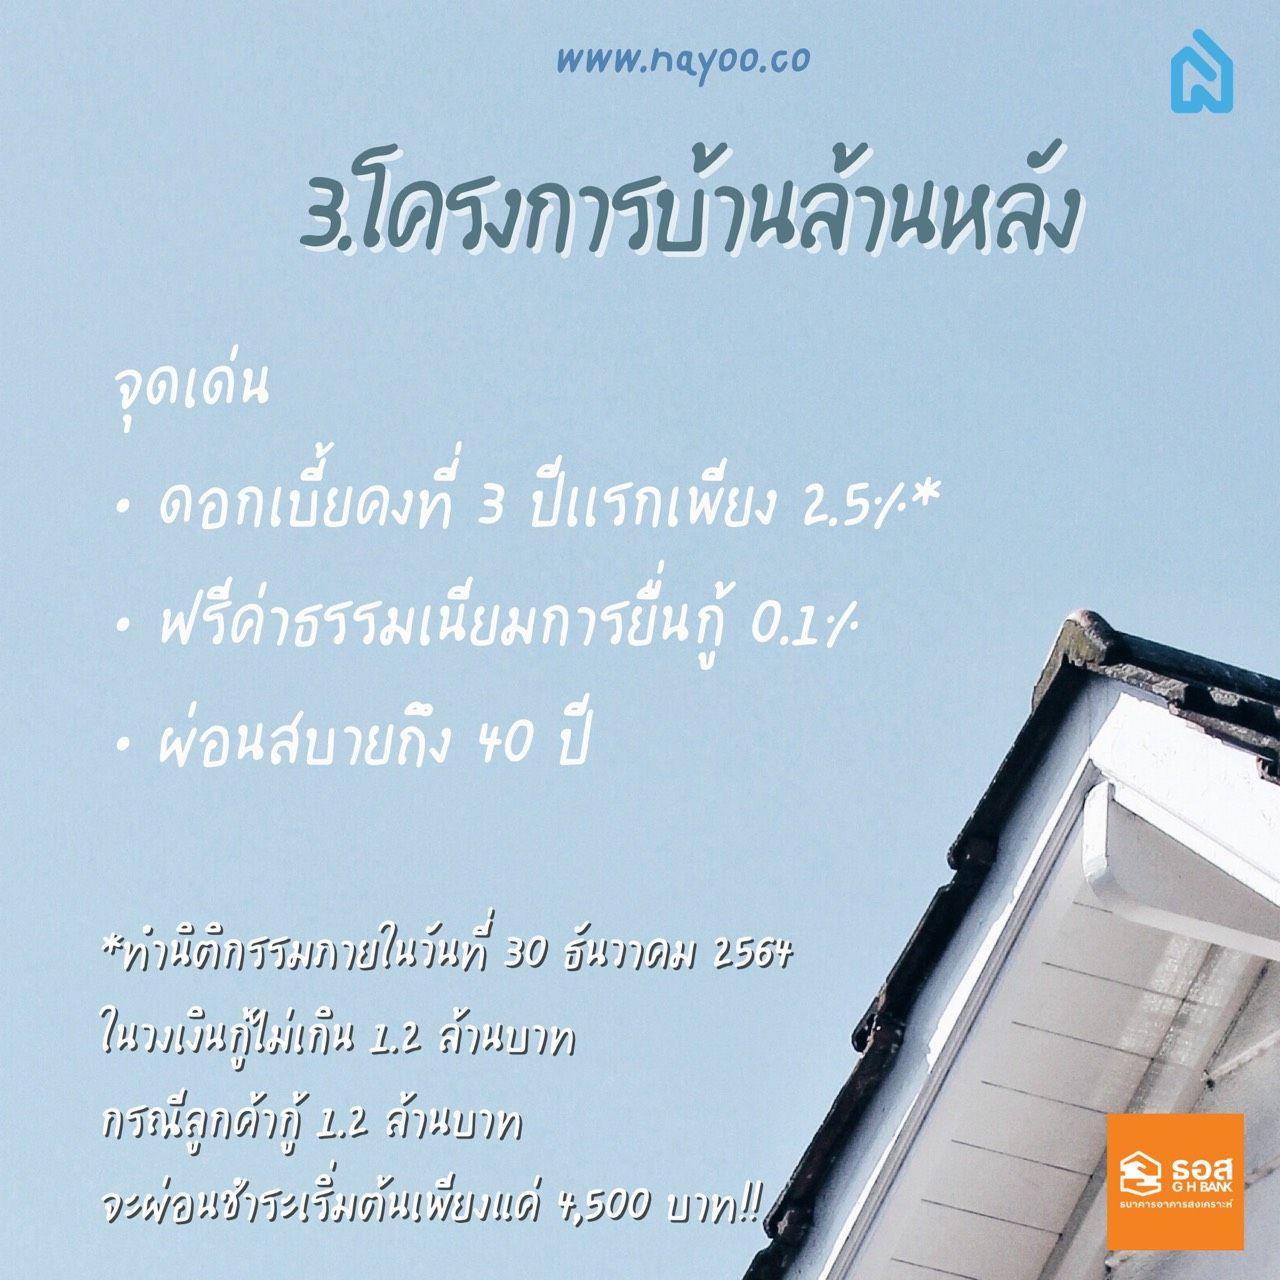 โครงการบ้านล้านหลัง โครงการรัฐทำให้คนไทยมีบ้านได้จริง ธอส. ดอกเบี้ยถูก